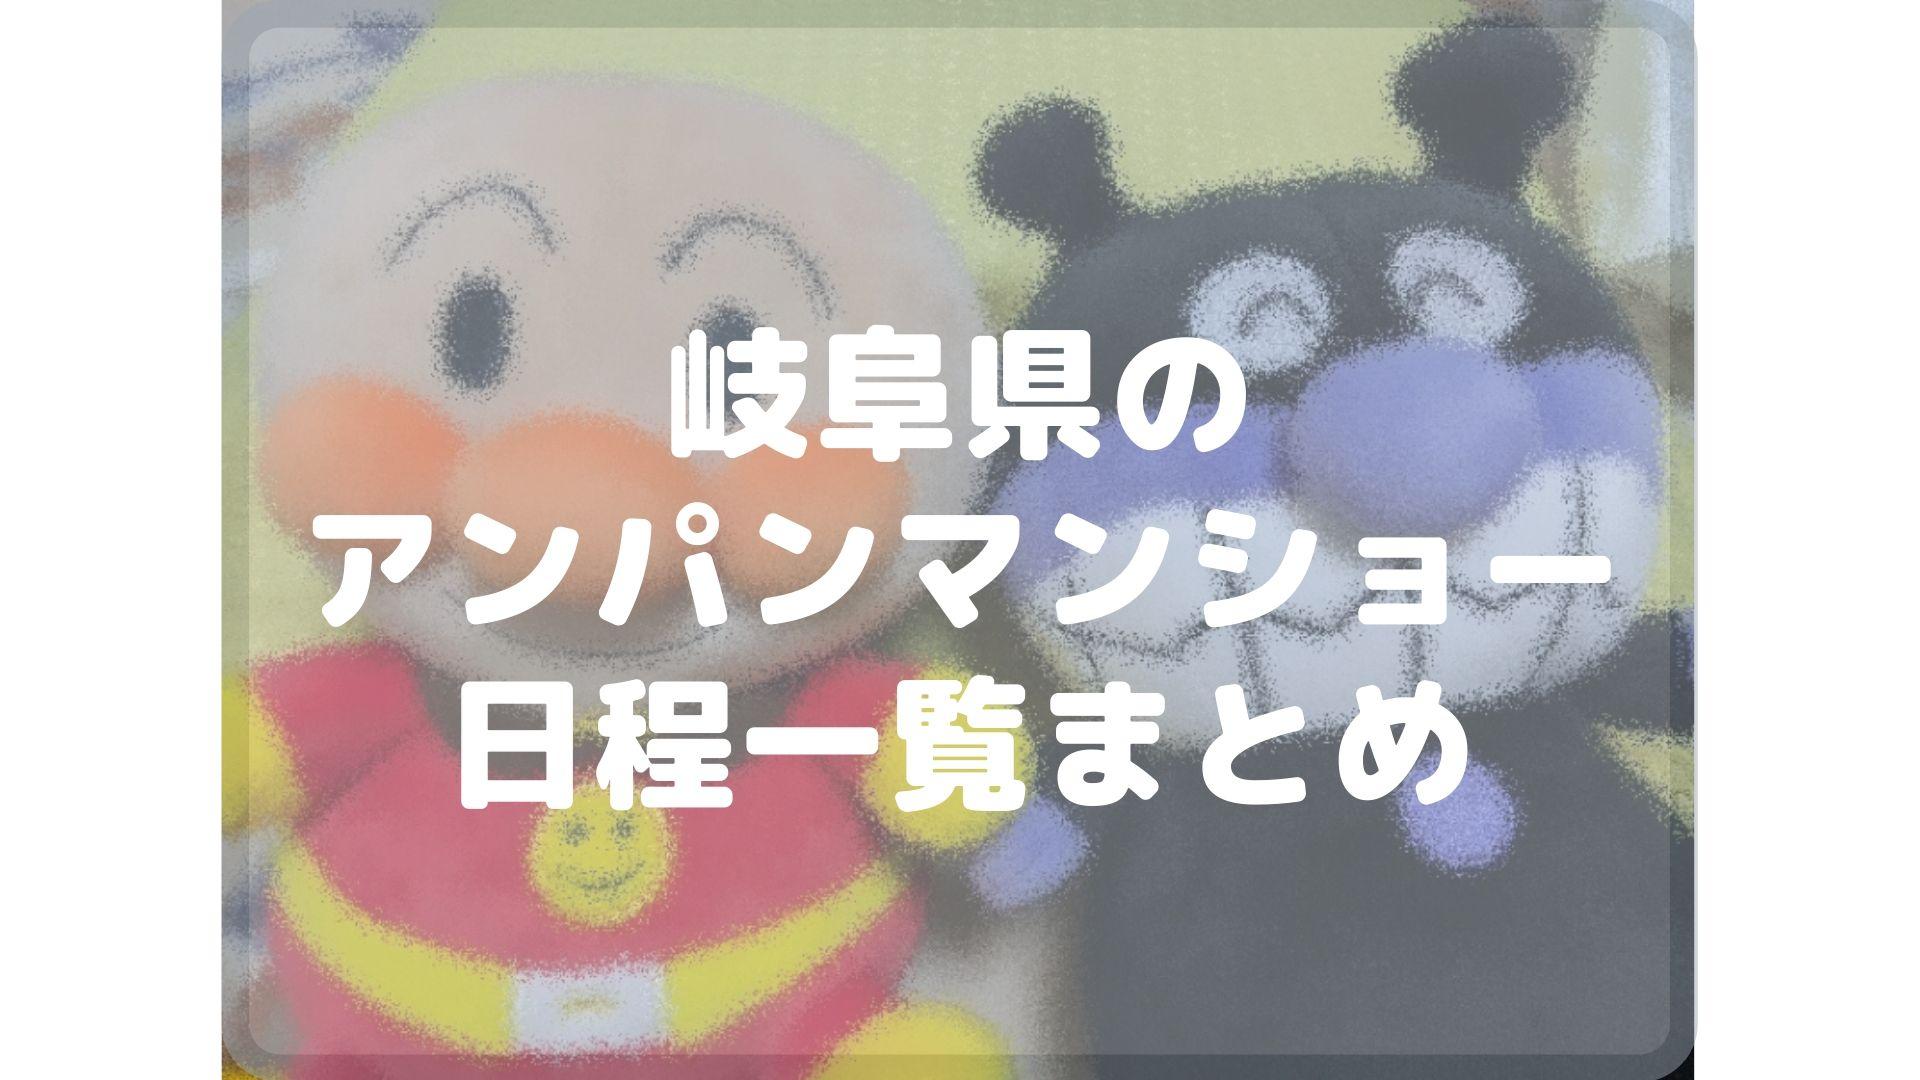 岐阜県のアンパンマンショーまとめタイトル画像